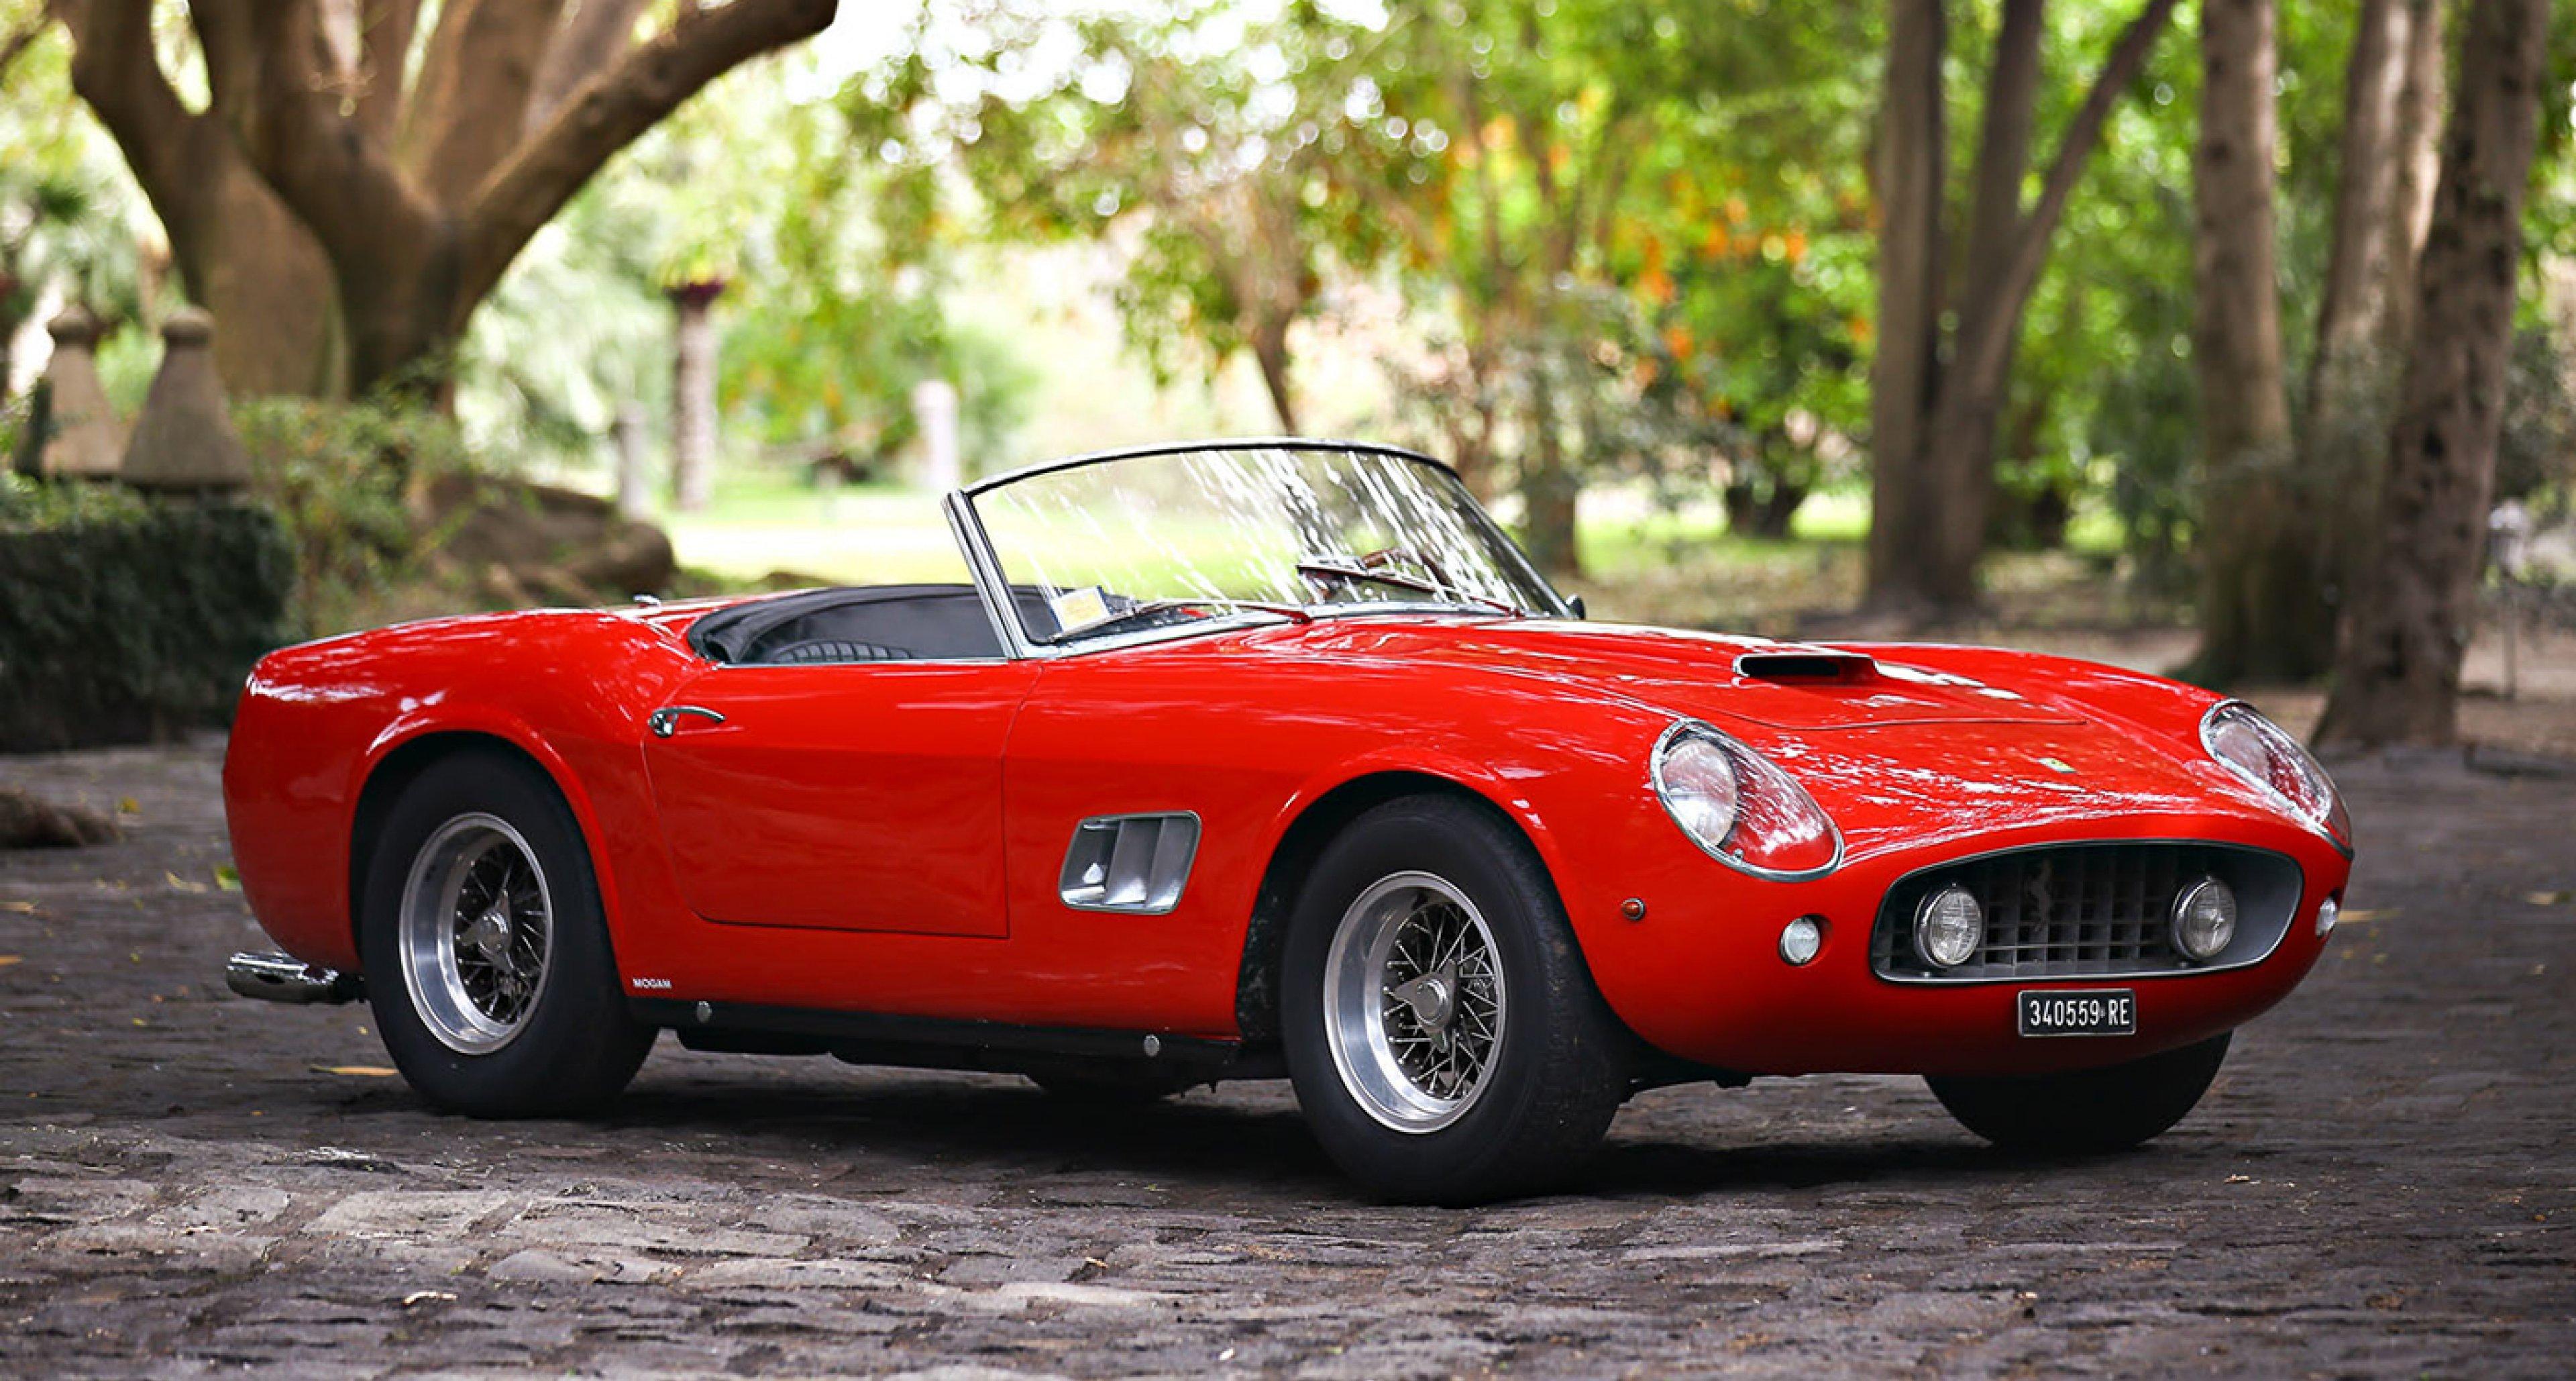 Ferrari California Spider Ist Bestseller Der Amelia Island Sales